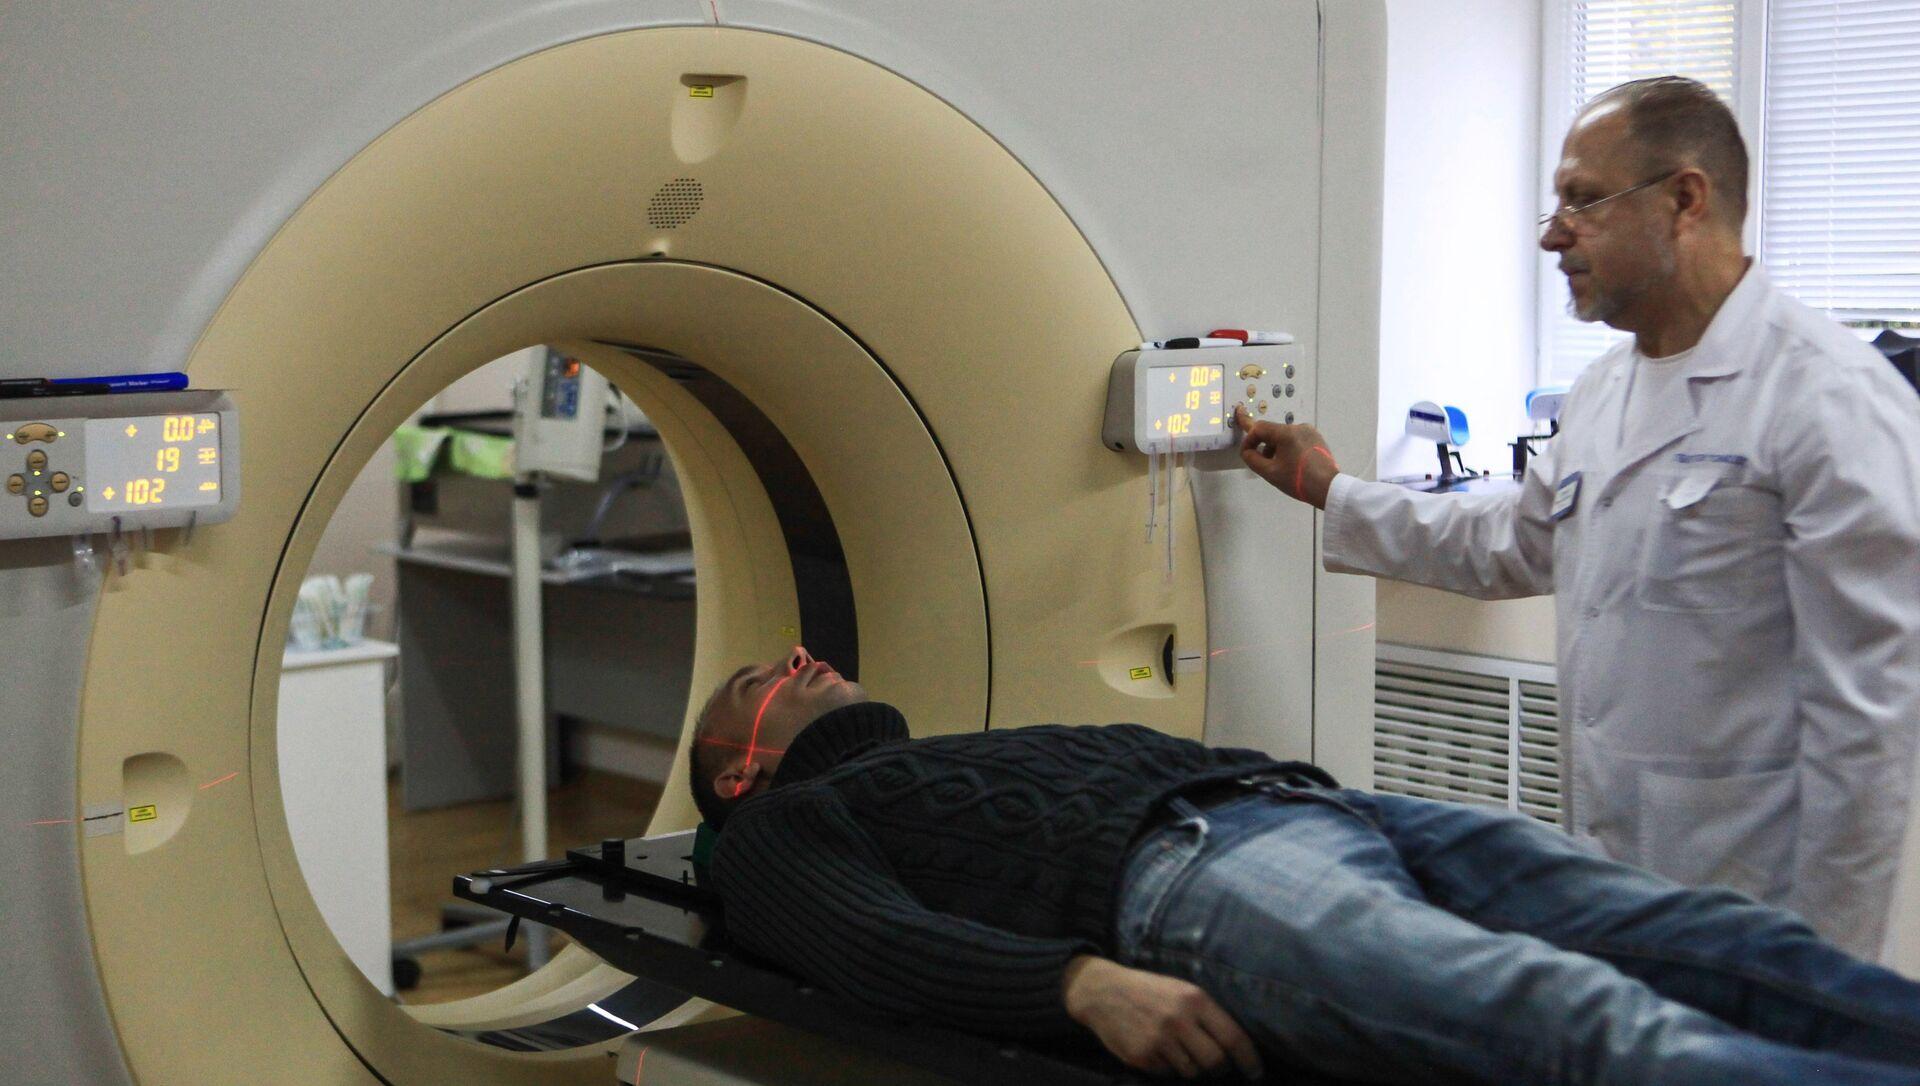 Топометрическая подготовка пациента на компьютерном томографе в онкологическом диспансере. Архивное фото - РИА Новости, 1920, 28.12.2020